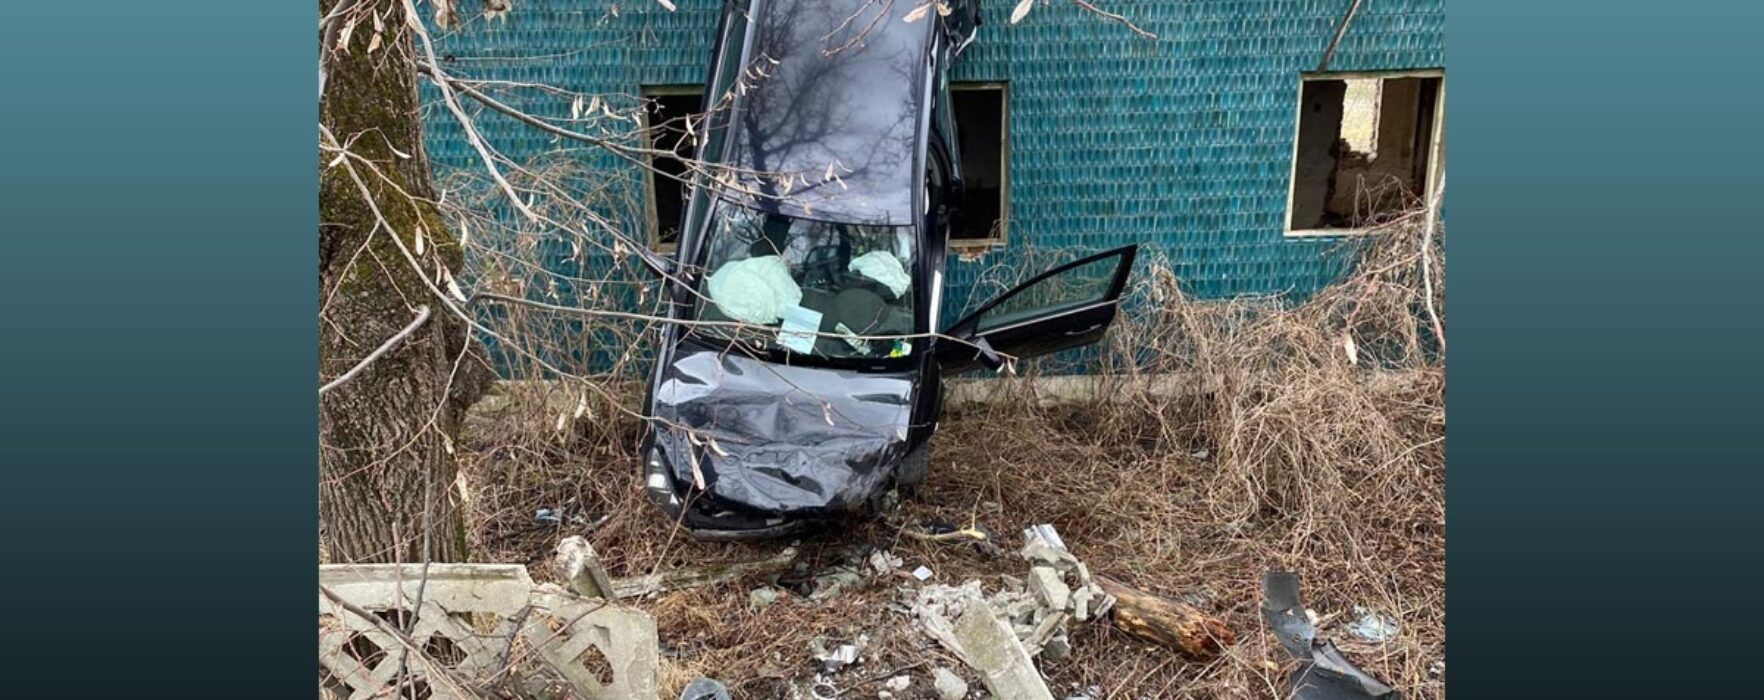 Târgovişte: Şofer băut a ieşit cu maşina de pe carosabil şi s-a lipit cu maşina de zidul unei clădiri